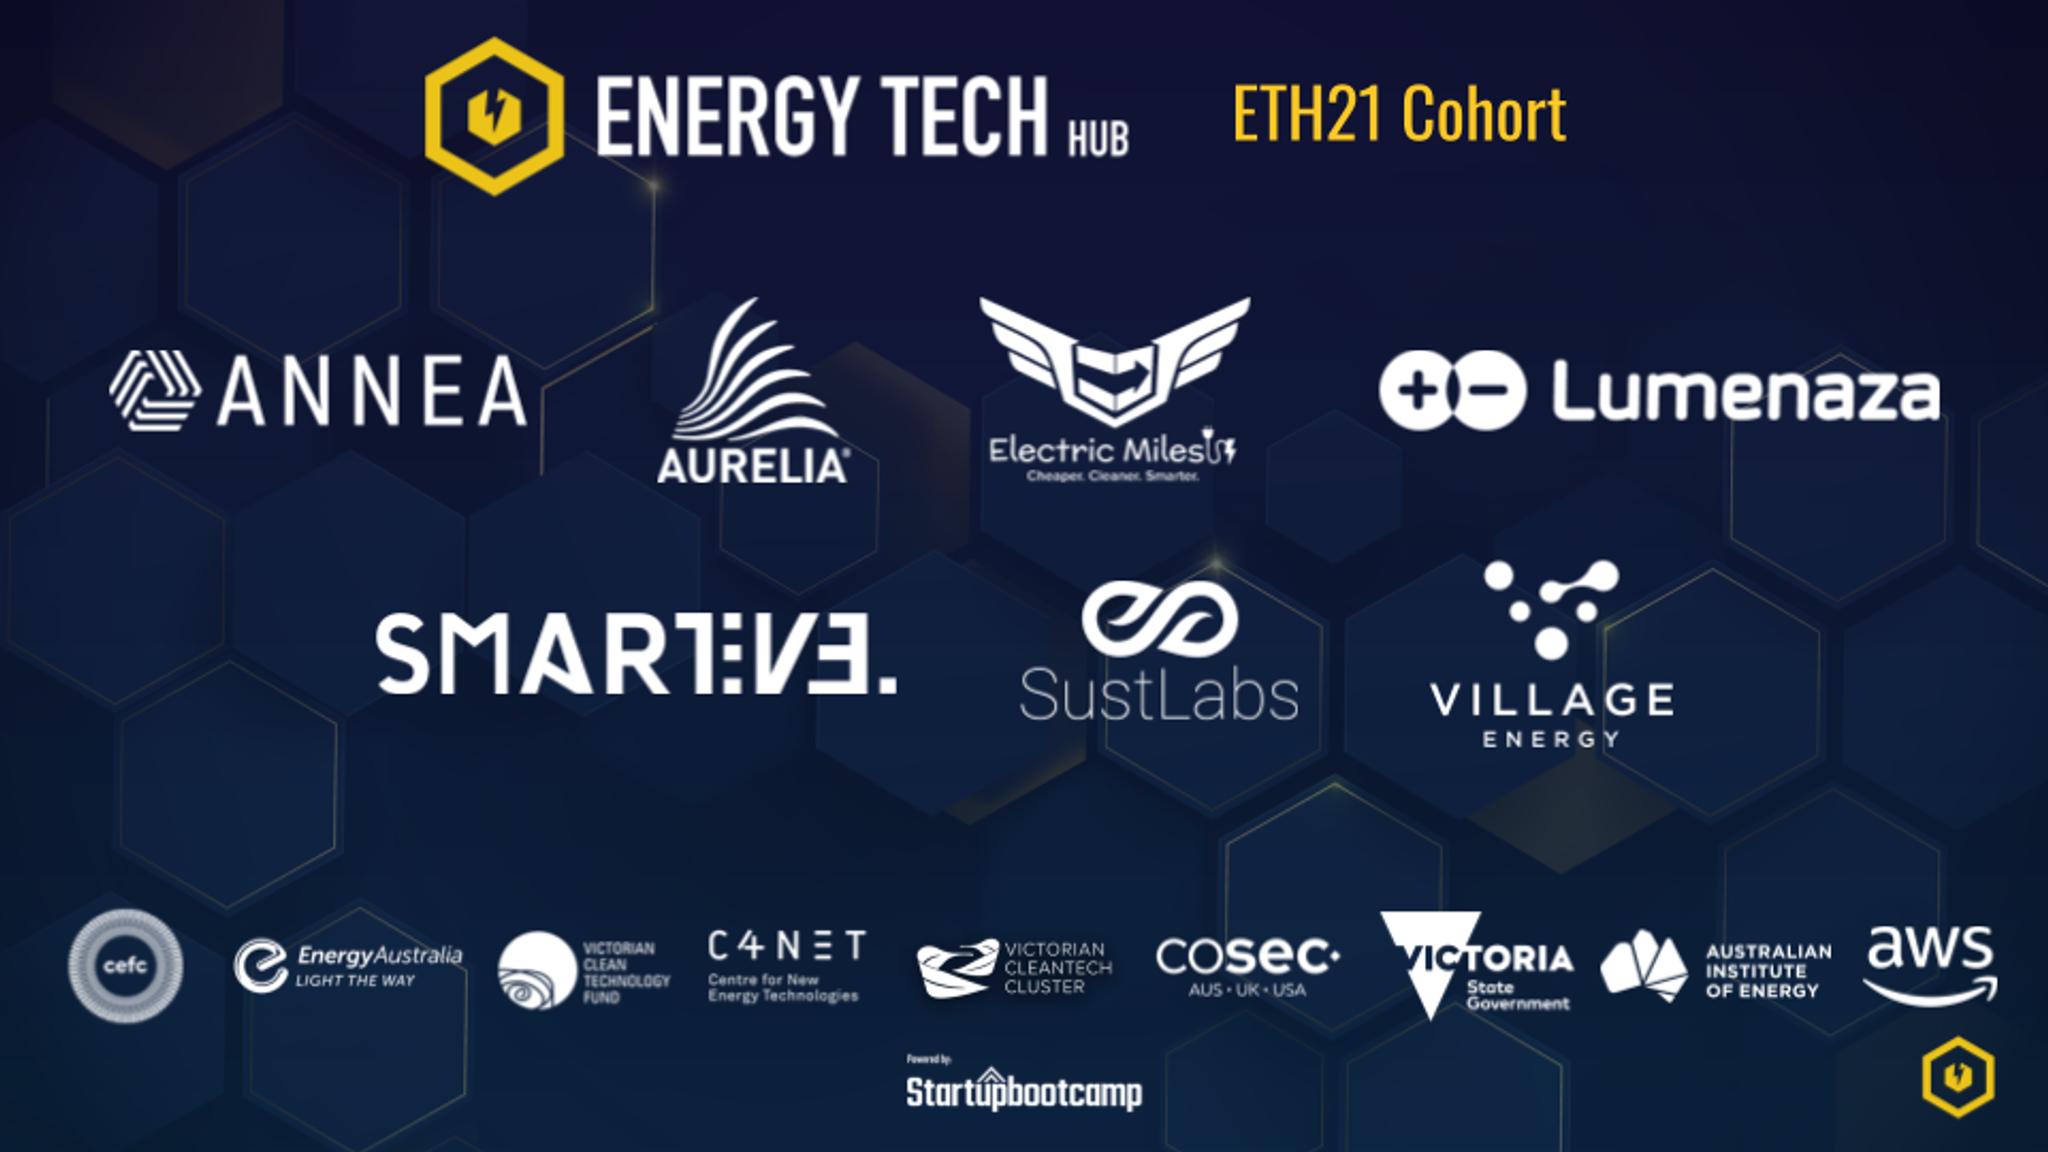 EnergyTech Hub (ETH) is proud to announce the ETH21 cohort